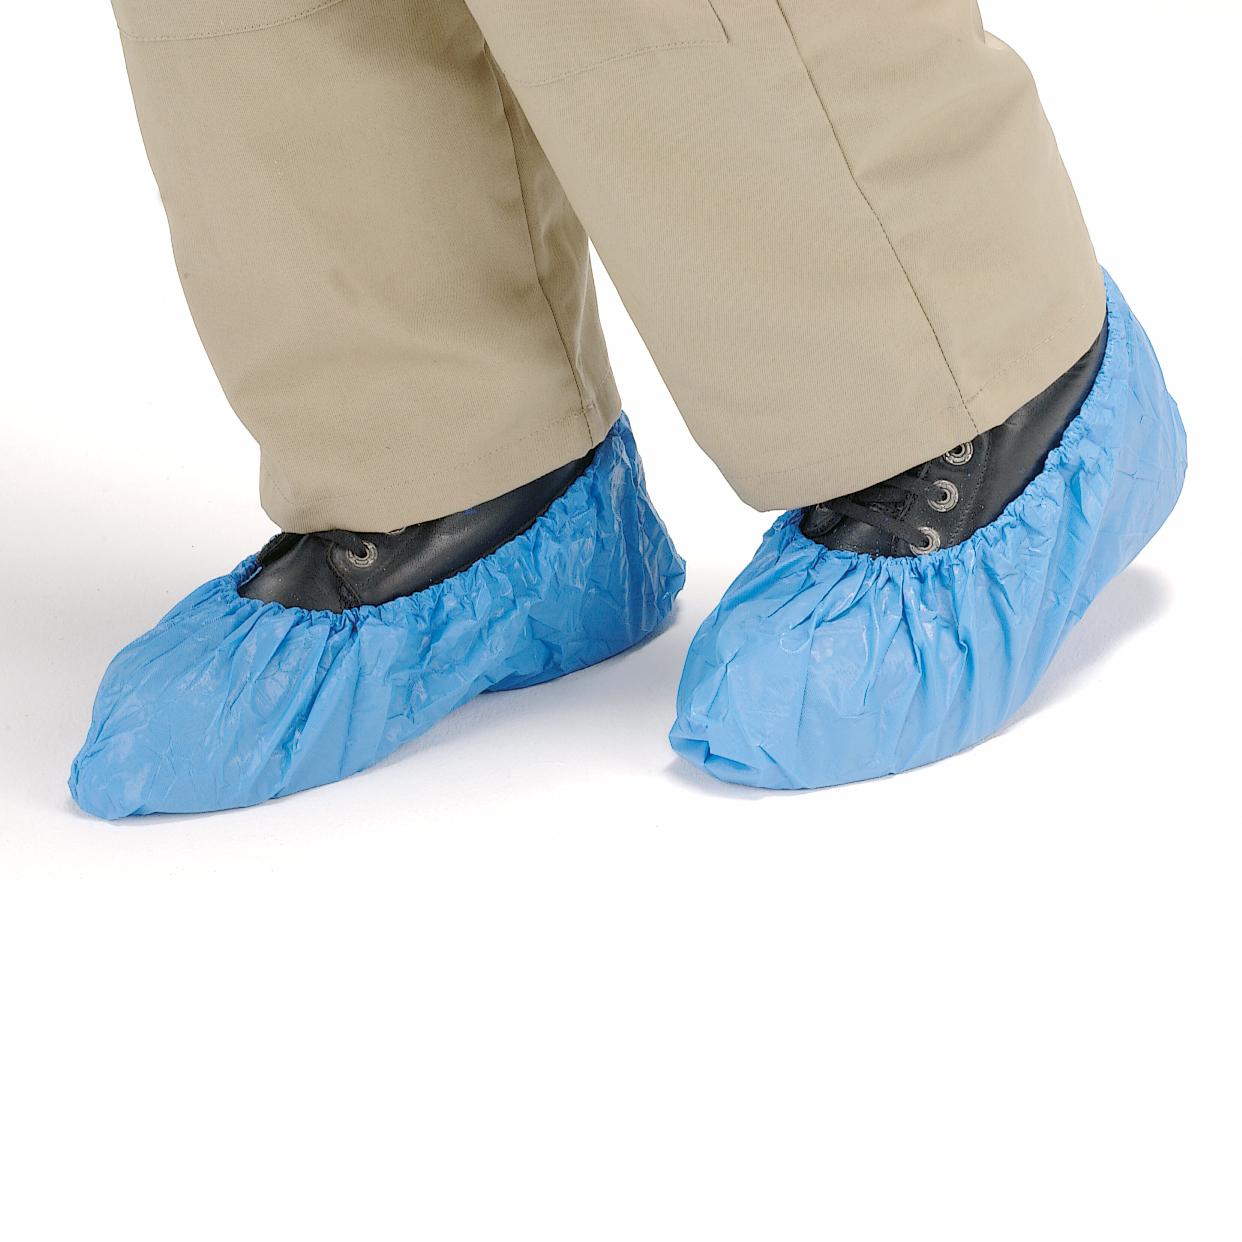 Janser Schuhgaloschen aus Kunststoff